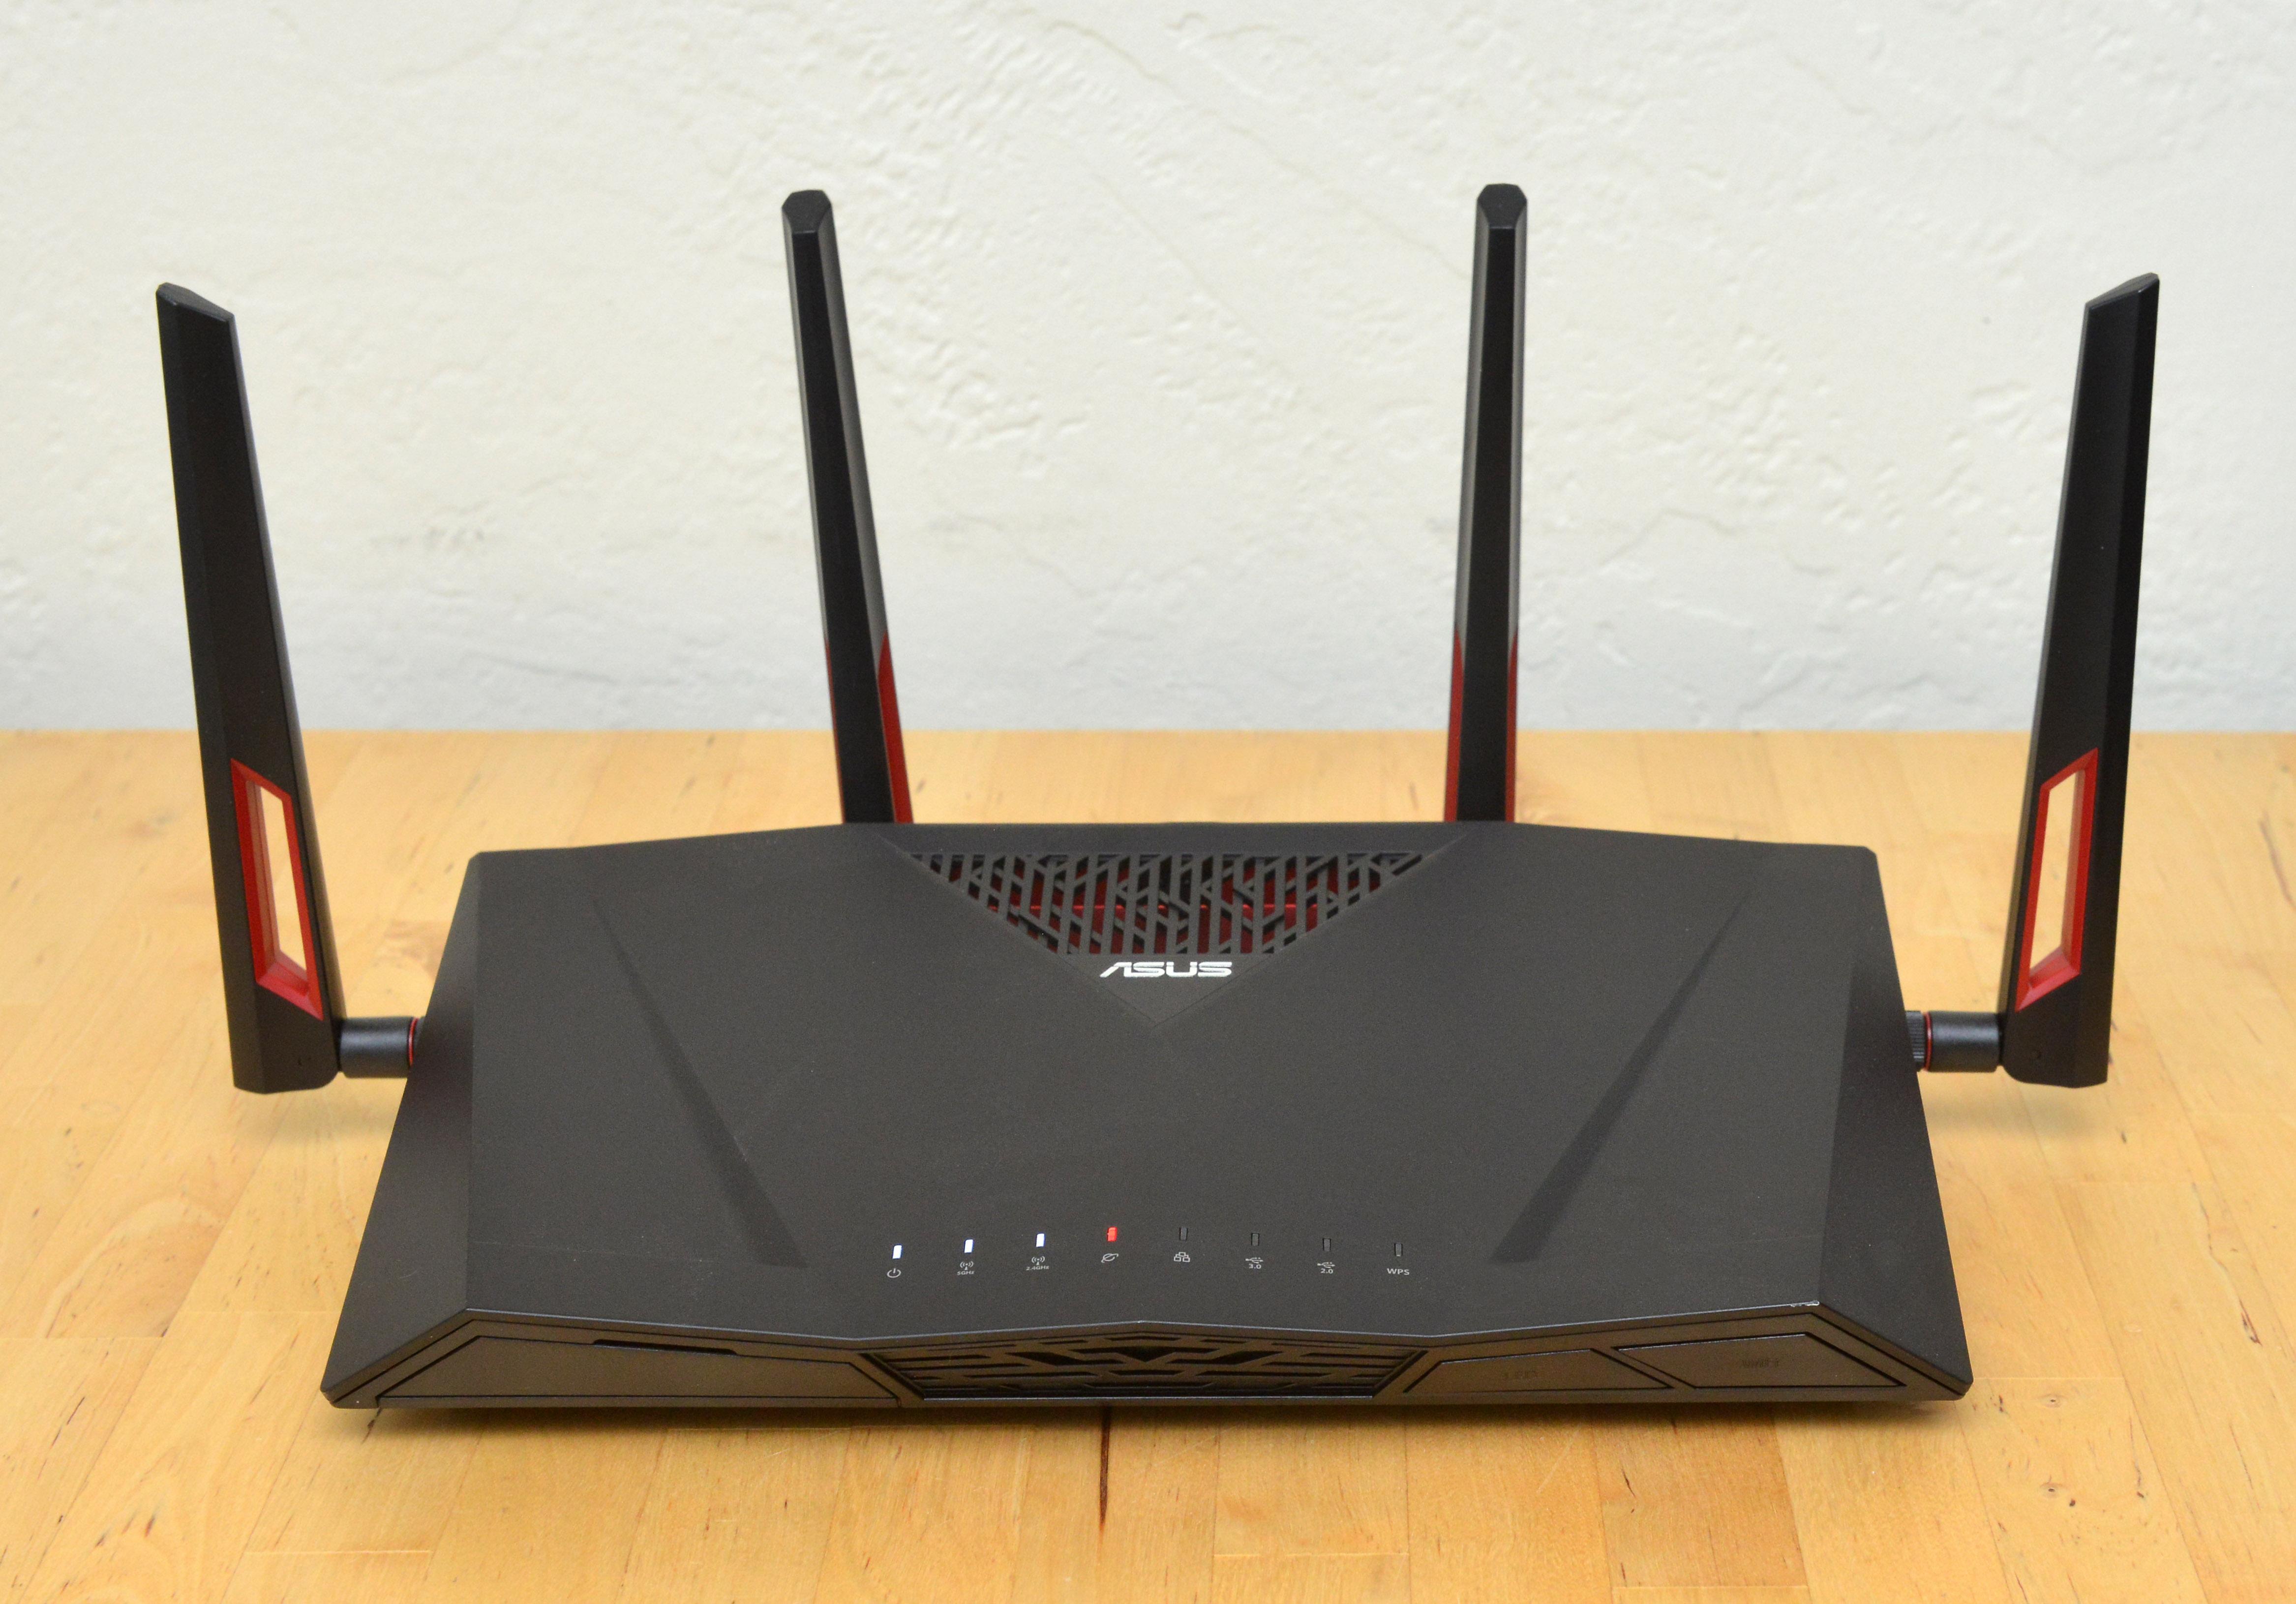 I Migliori router 4g LTE portatili, ecco la nostra recensione